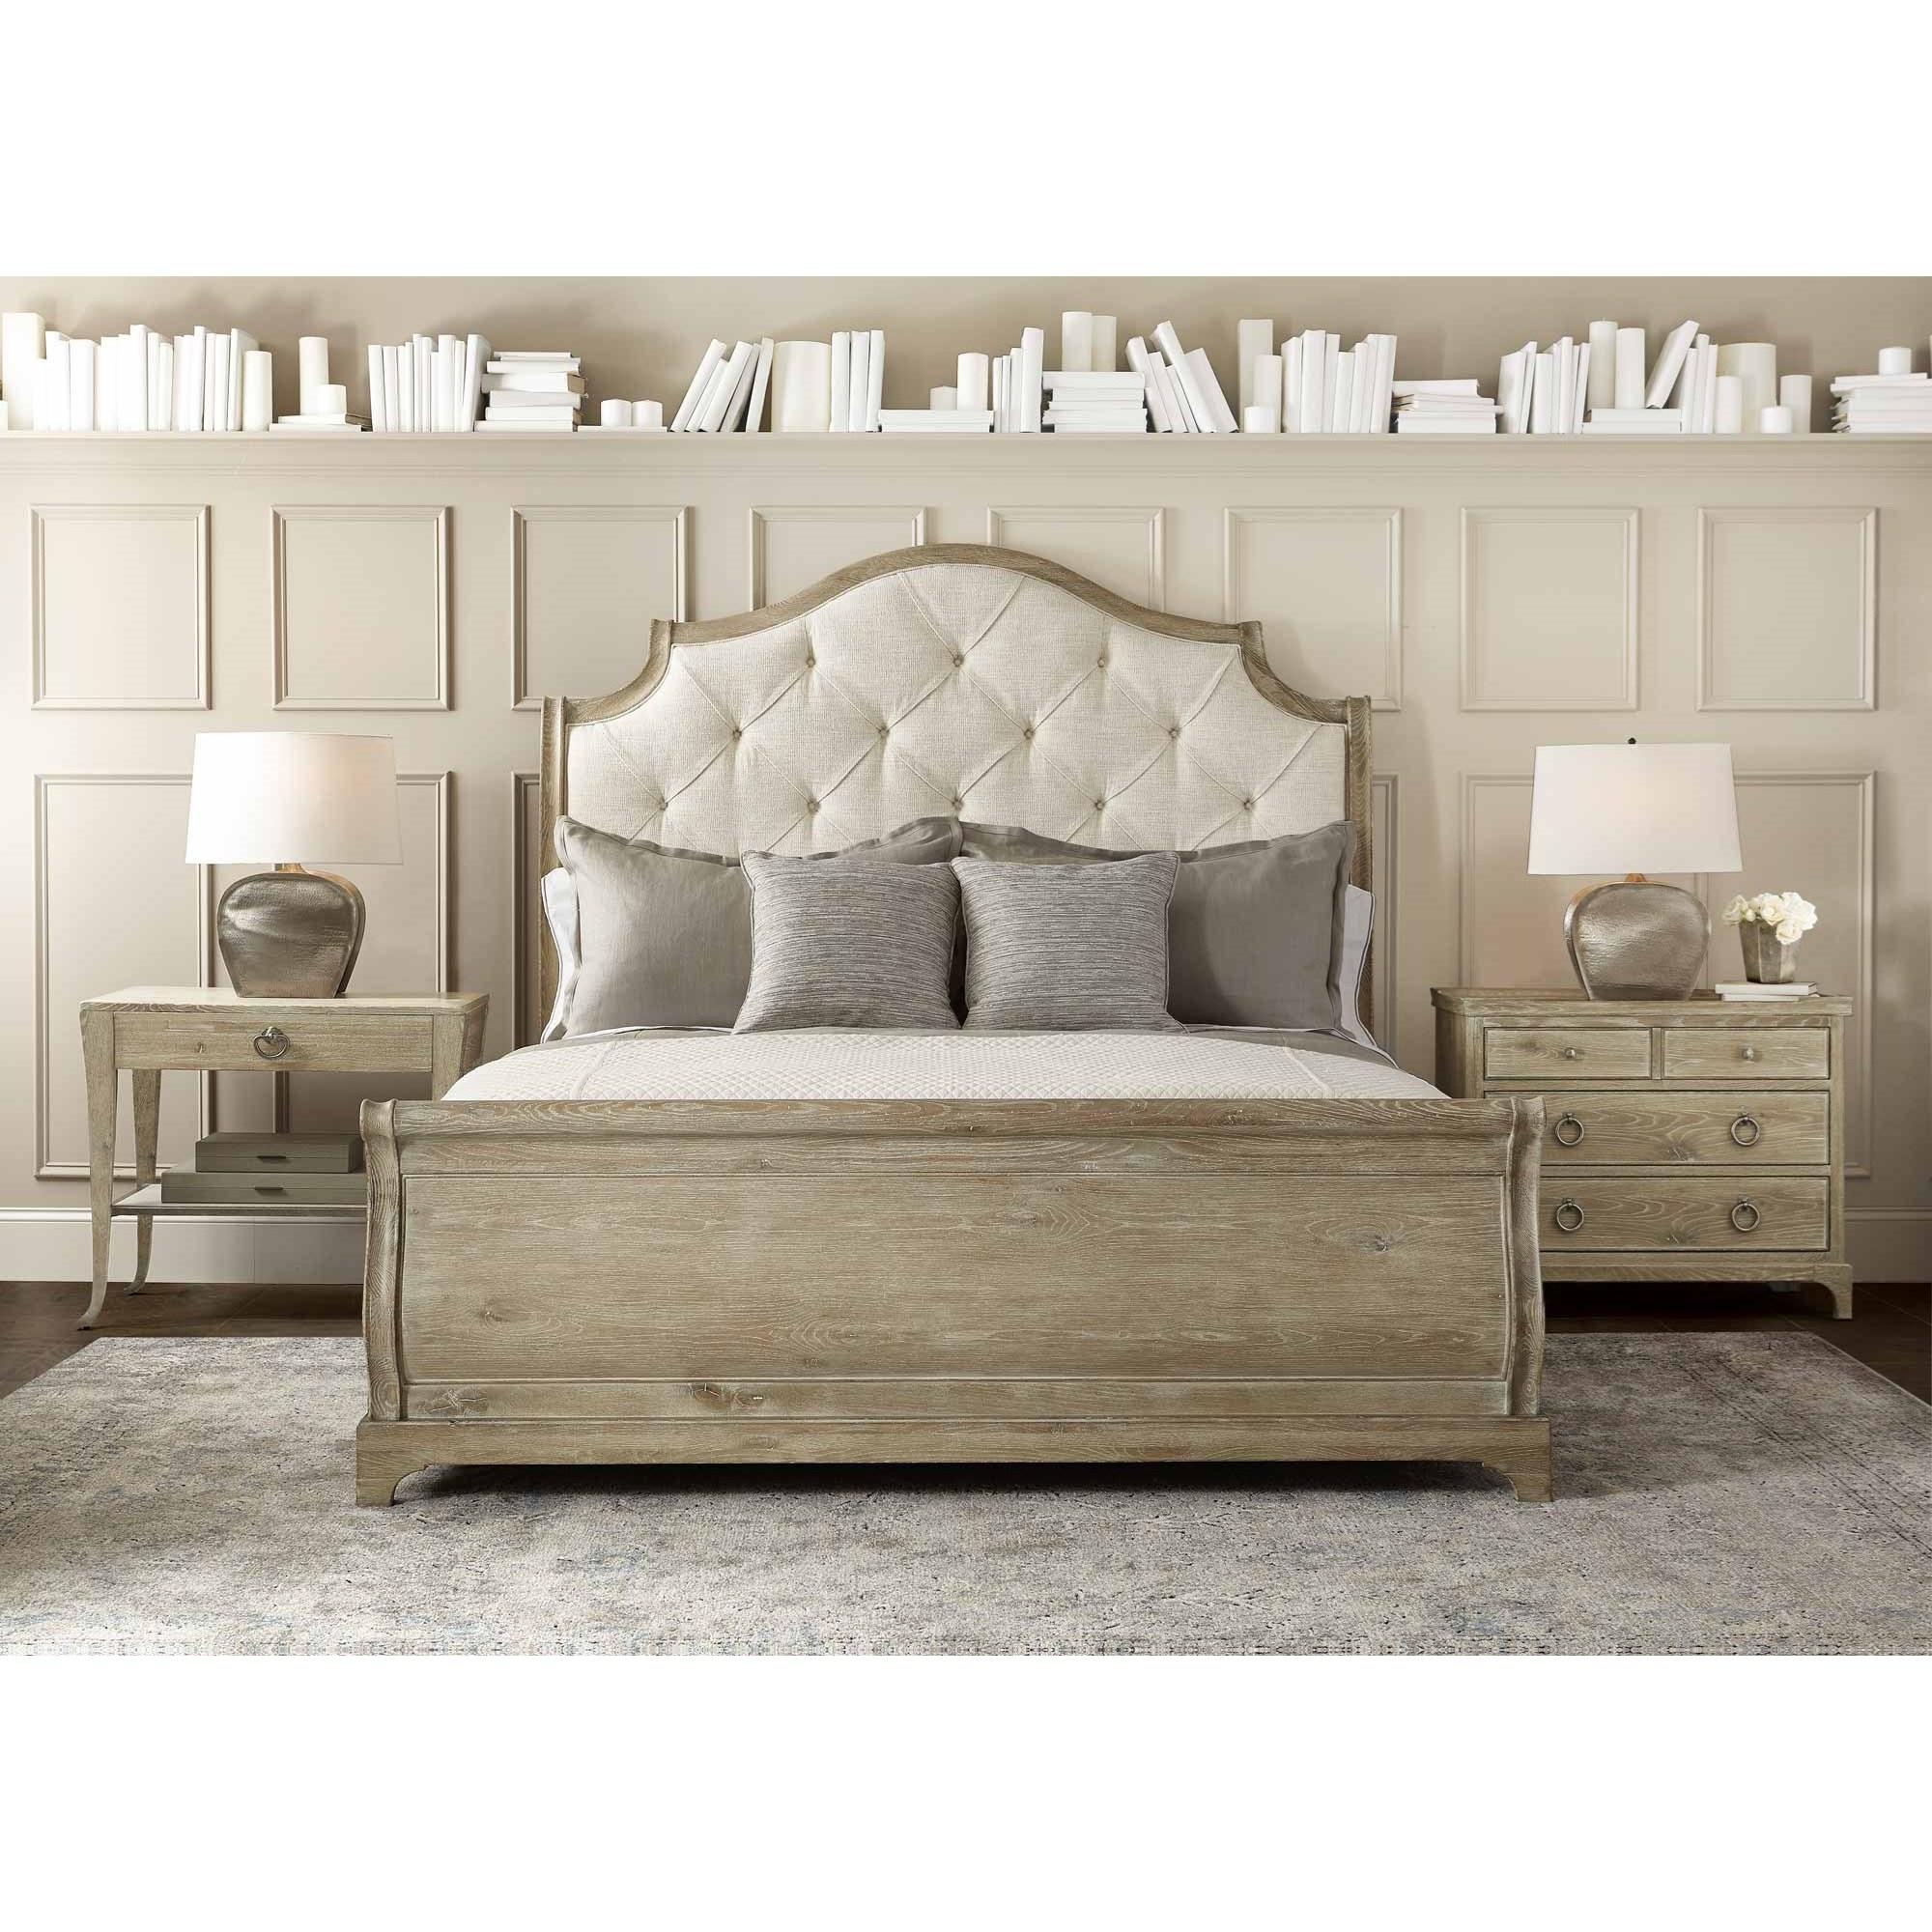 Bernhardt Rustic Patina California King Bedroom Group Belfort Furniture Bedroom Groups